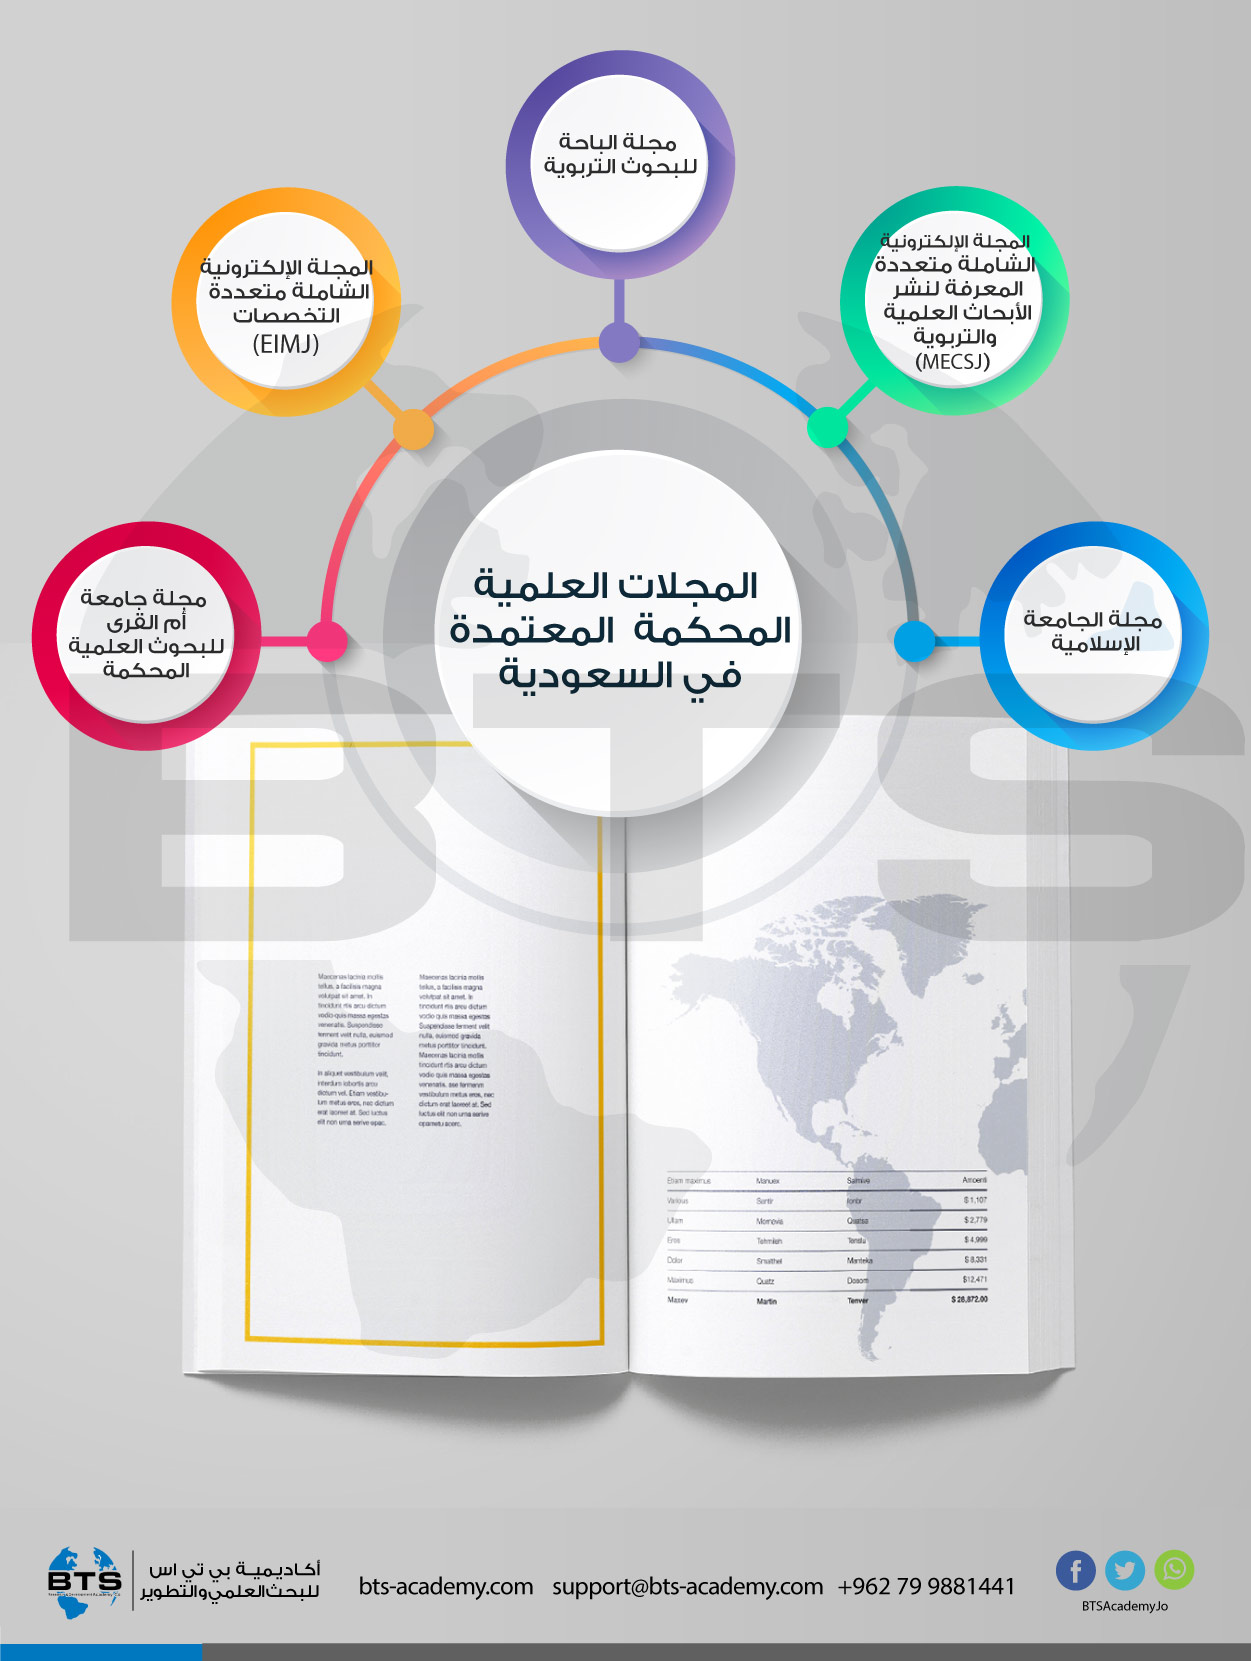 المجلات العلمية المحكمة المعتمدة في السعودية